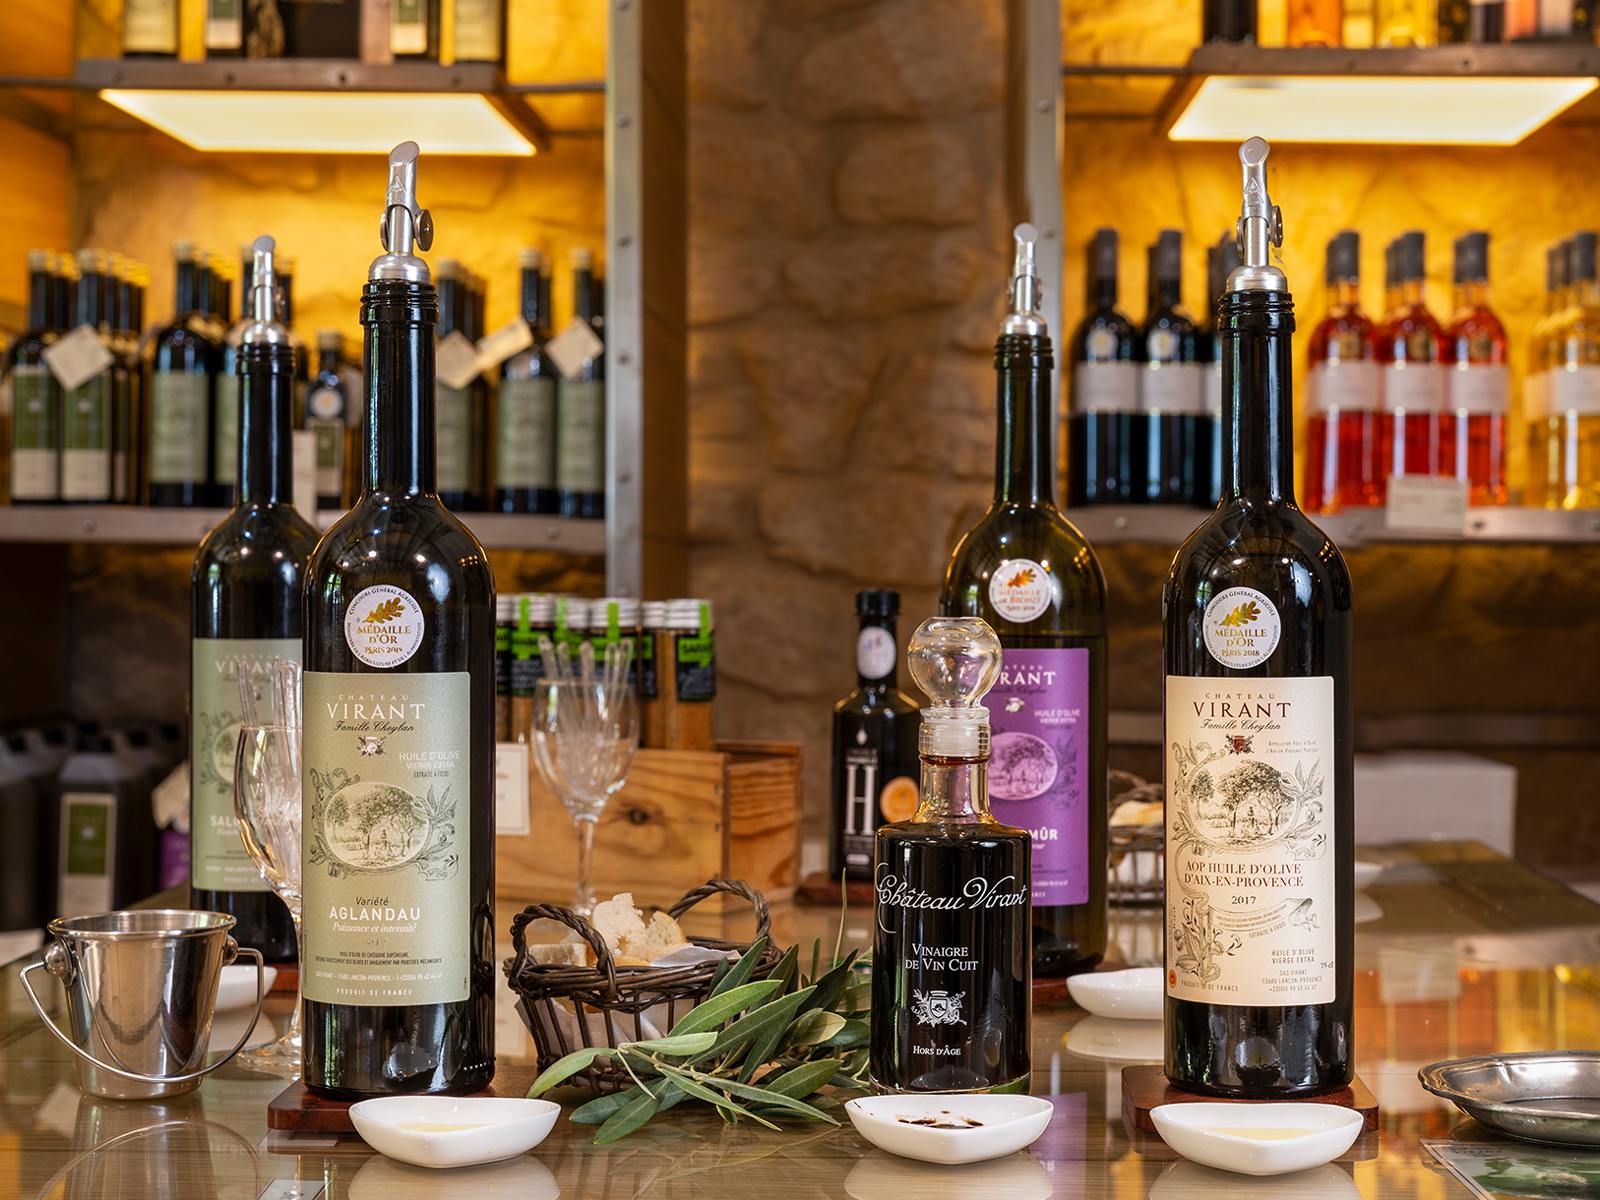 vitrine-artisans-gourmands-chateau-virant-caveau-vente-huiles-d'olives